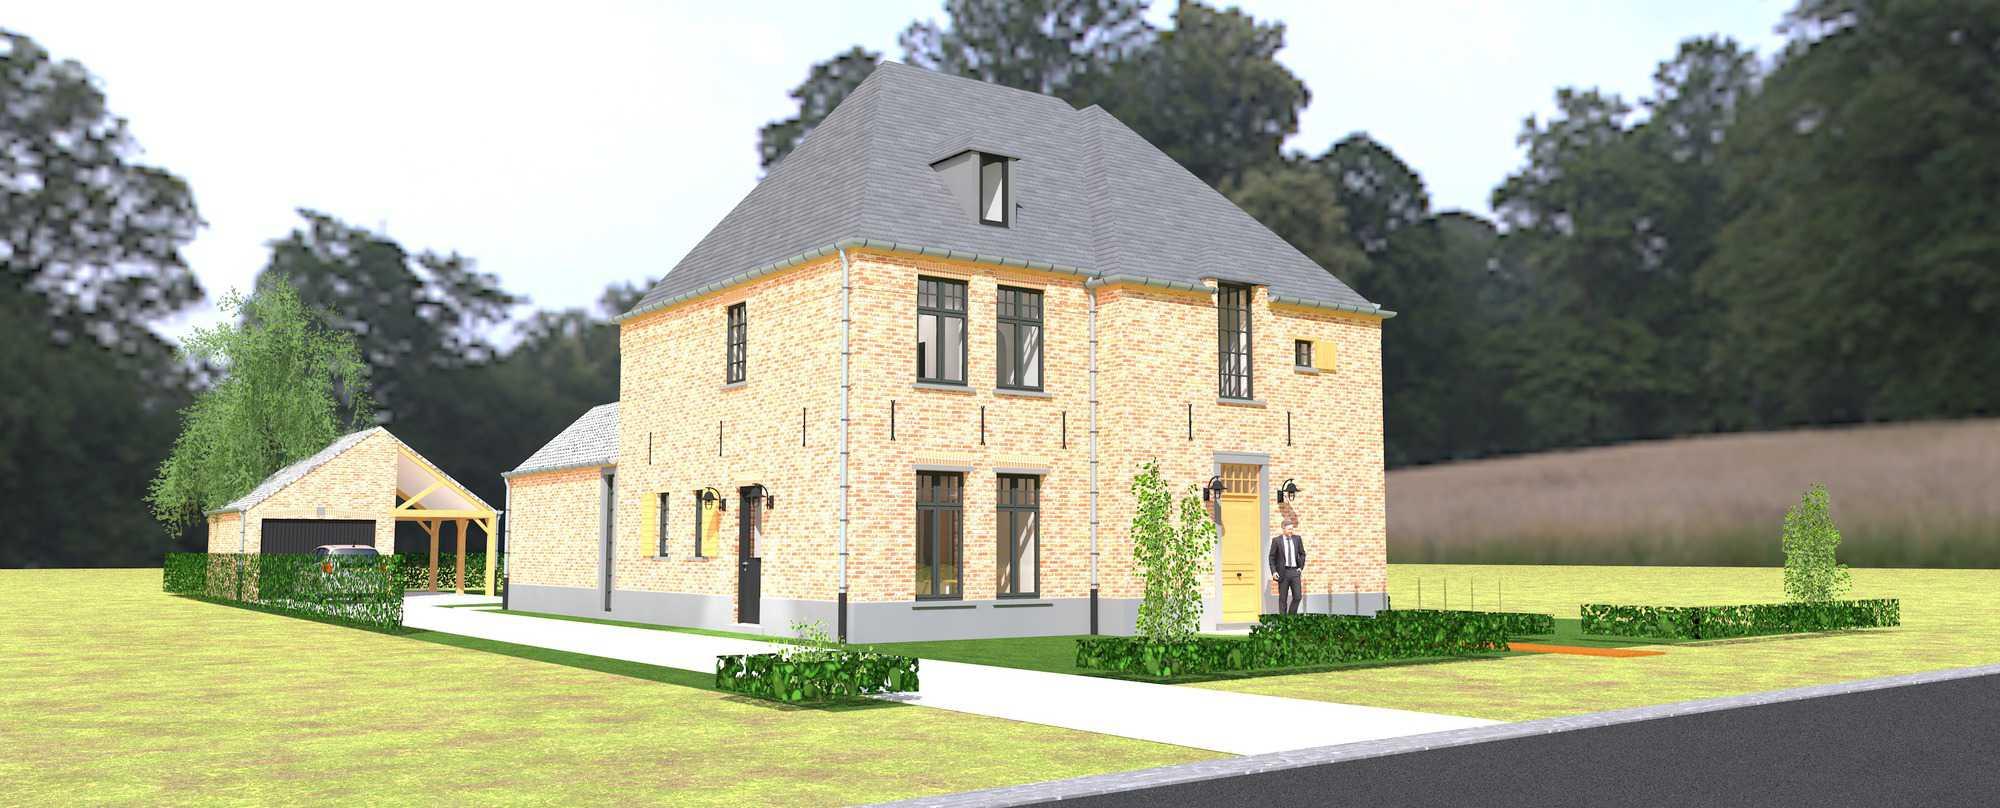 Detail afbeelding 1 van K & S   –   Landhuis met garage   –  Genk | Ontwerp door architect Patrick Strackx